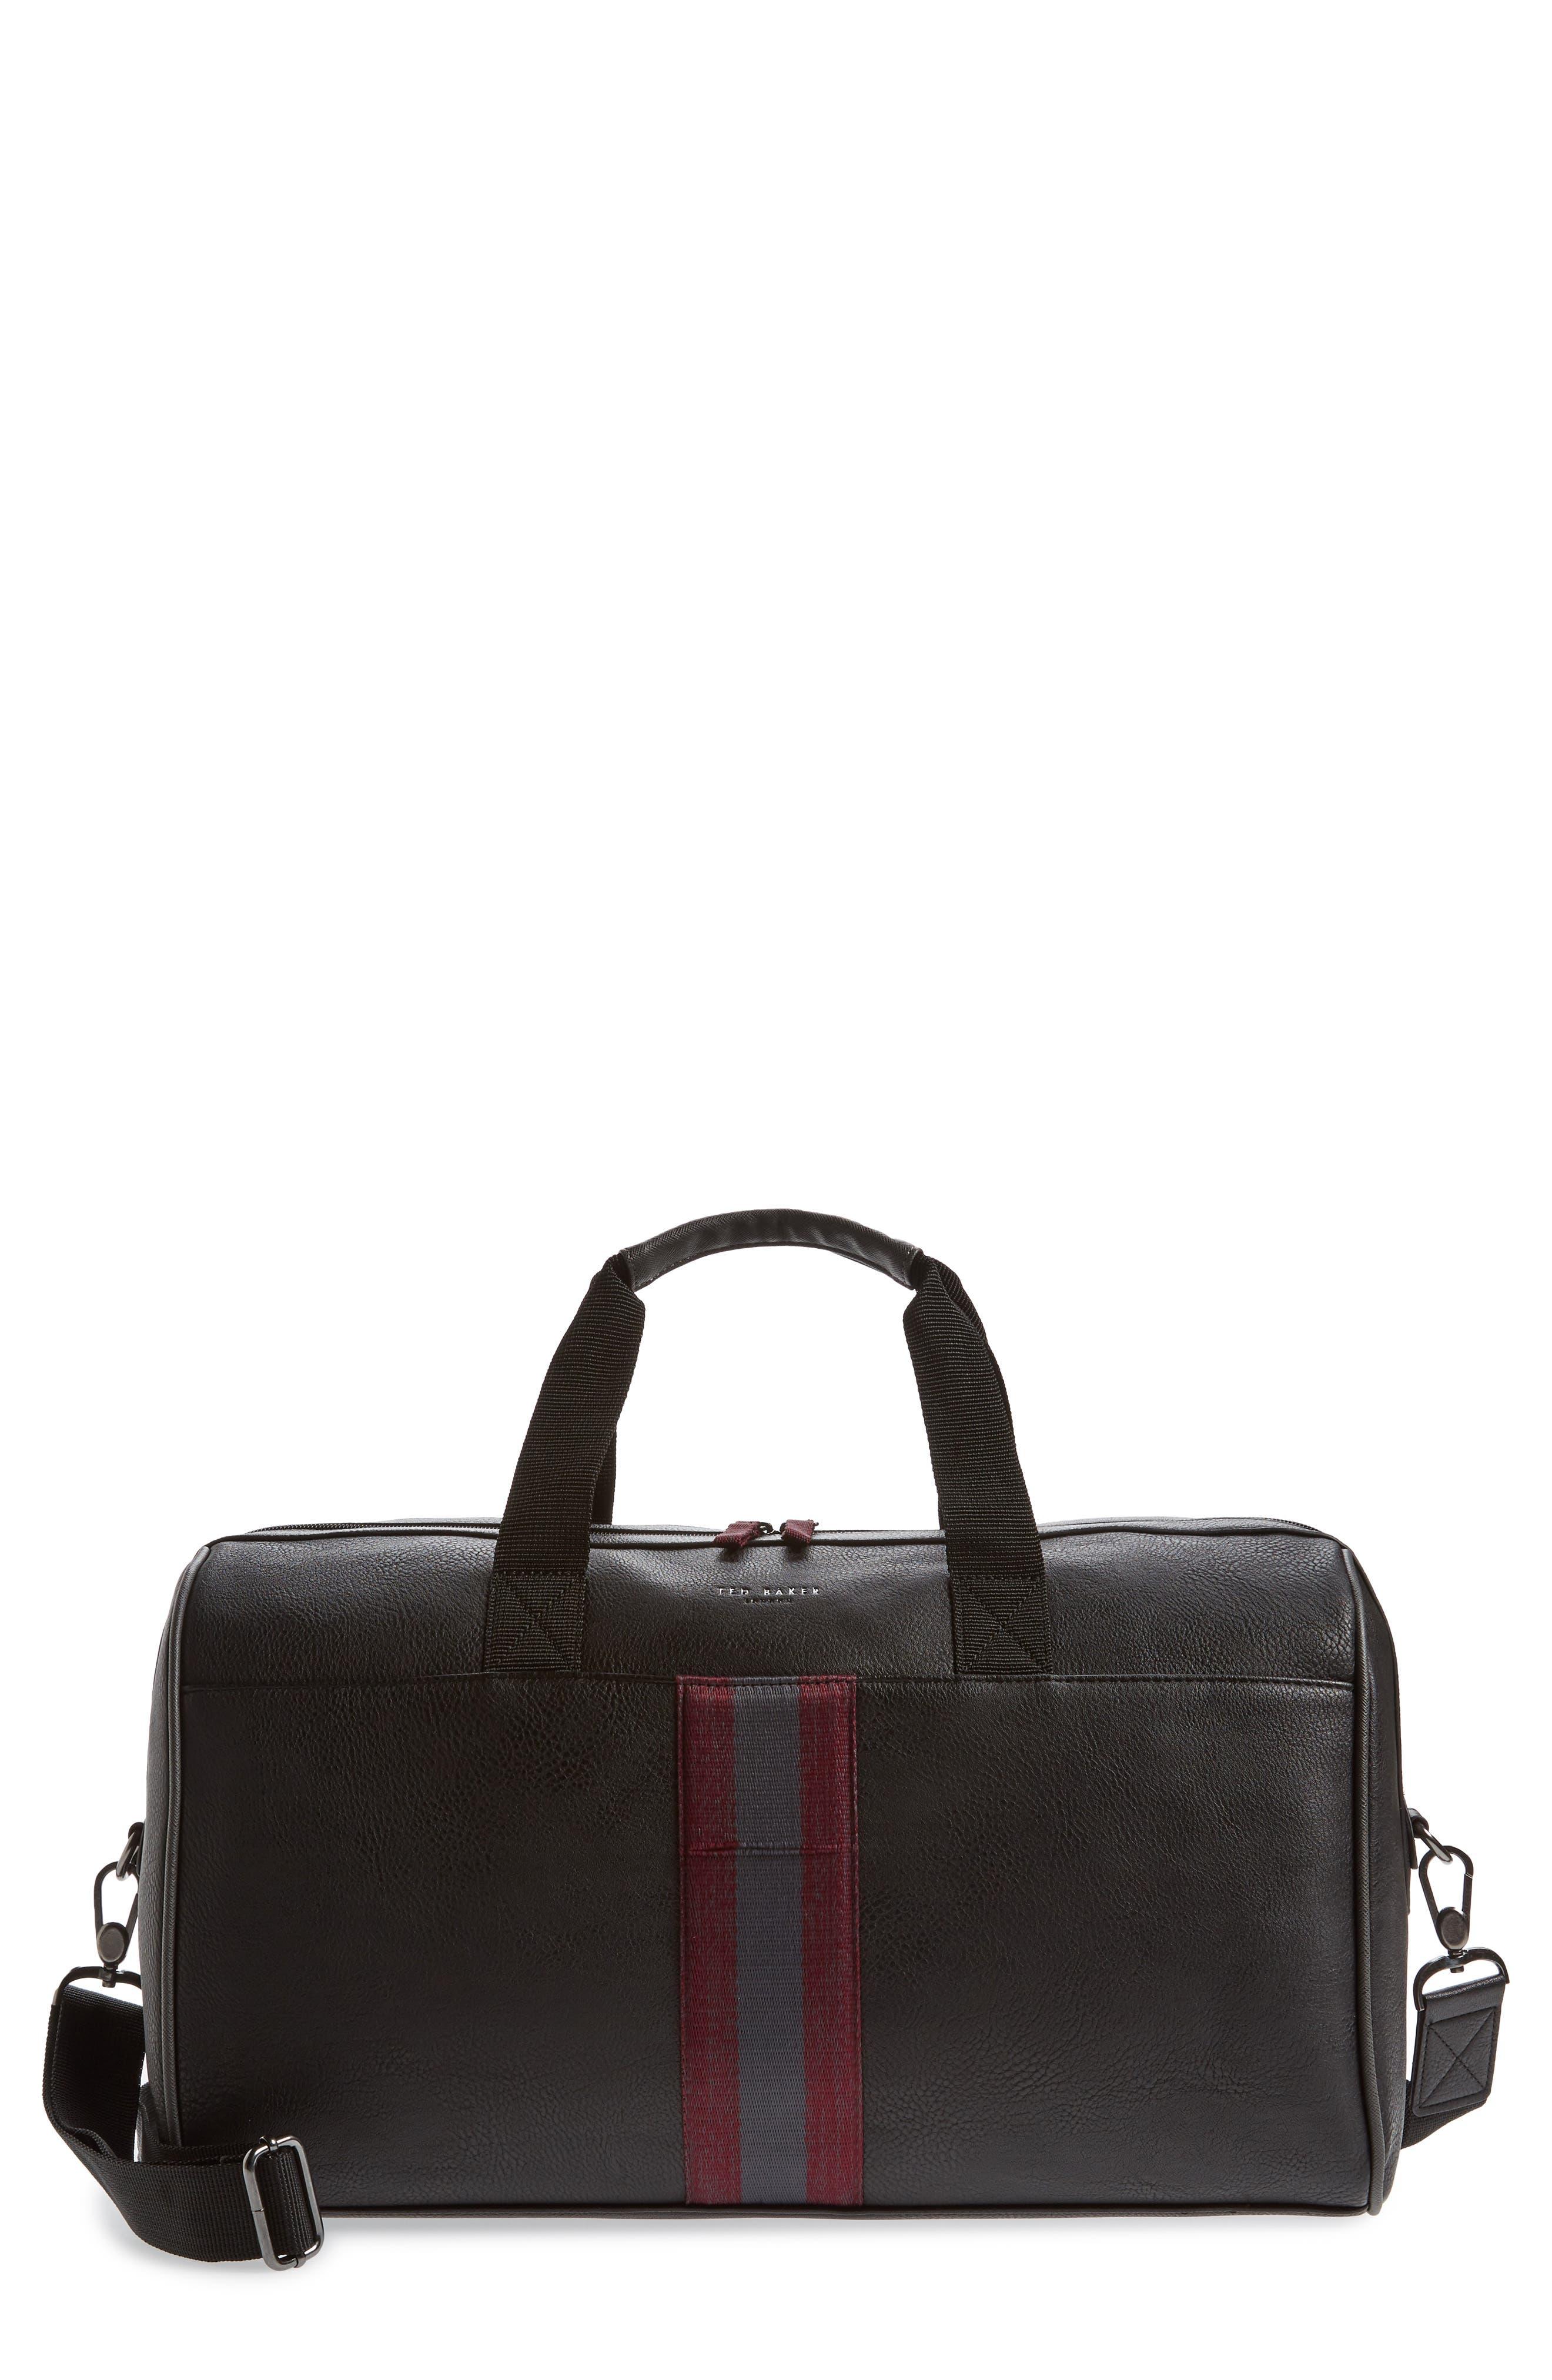 Alternate Image 1 Selected - Ted Baker London Ospray Duffel Bag